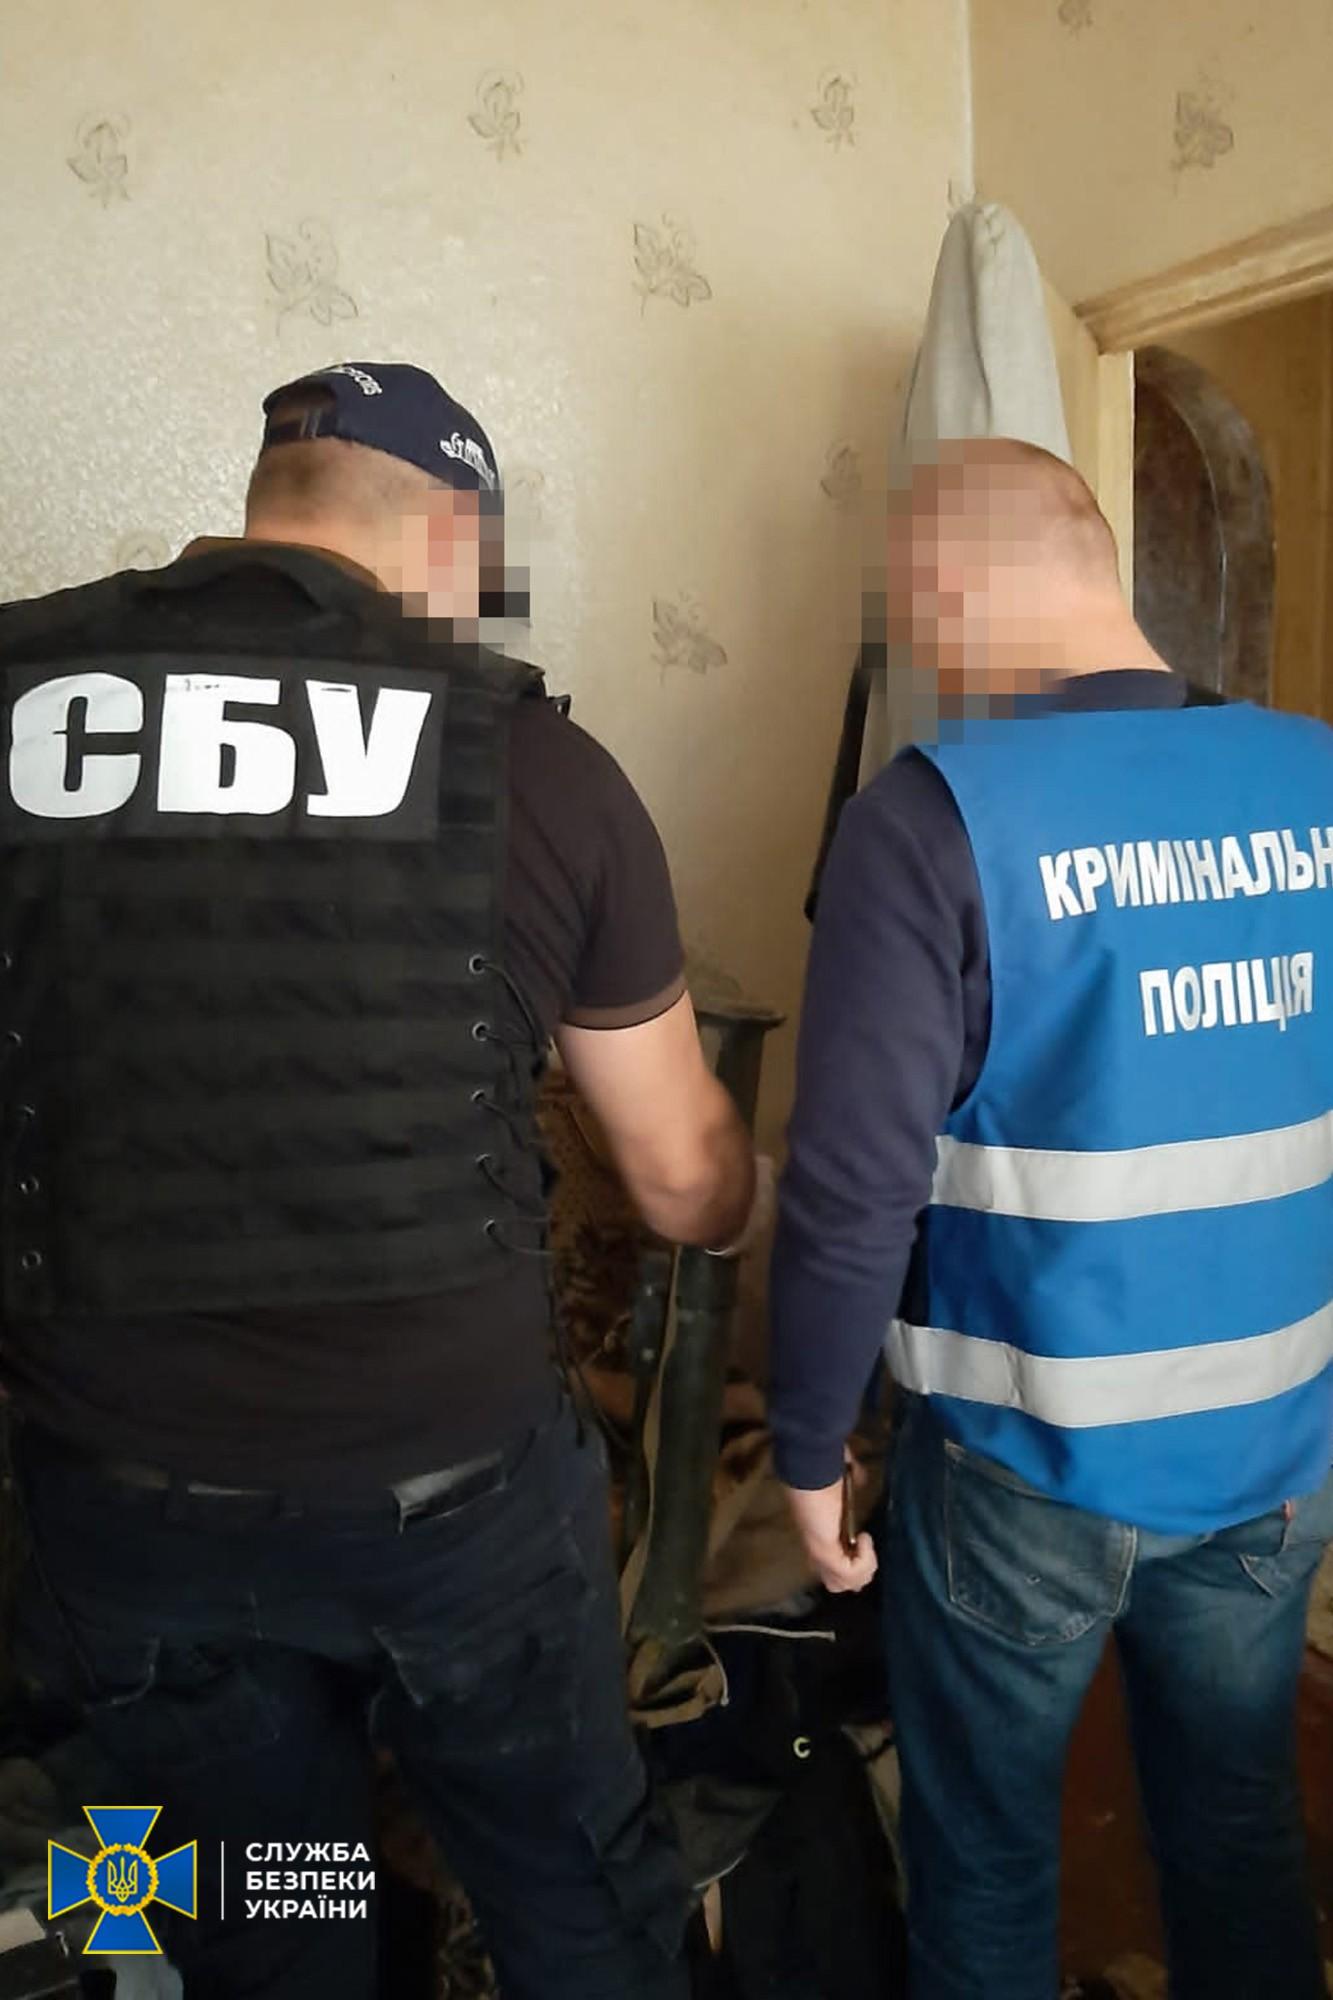 СБУ нашла тайник с оружием и боеприпасами в центре Кропивницкого – фото